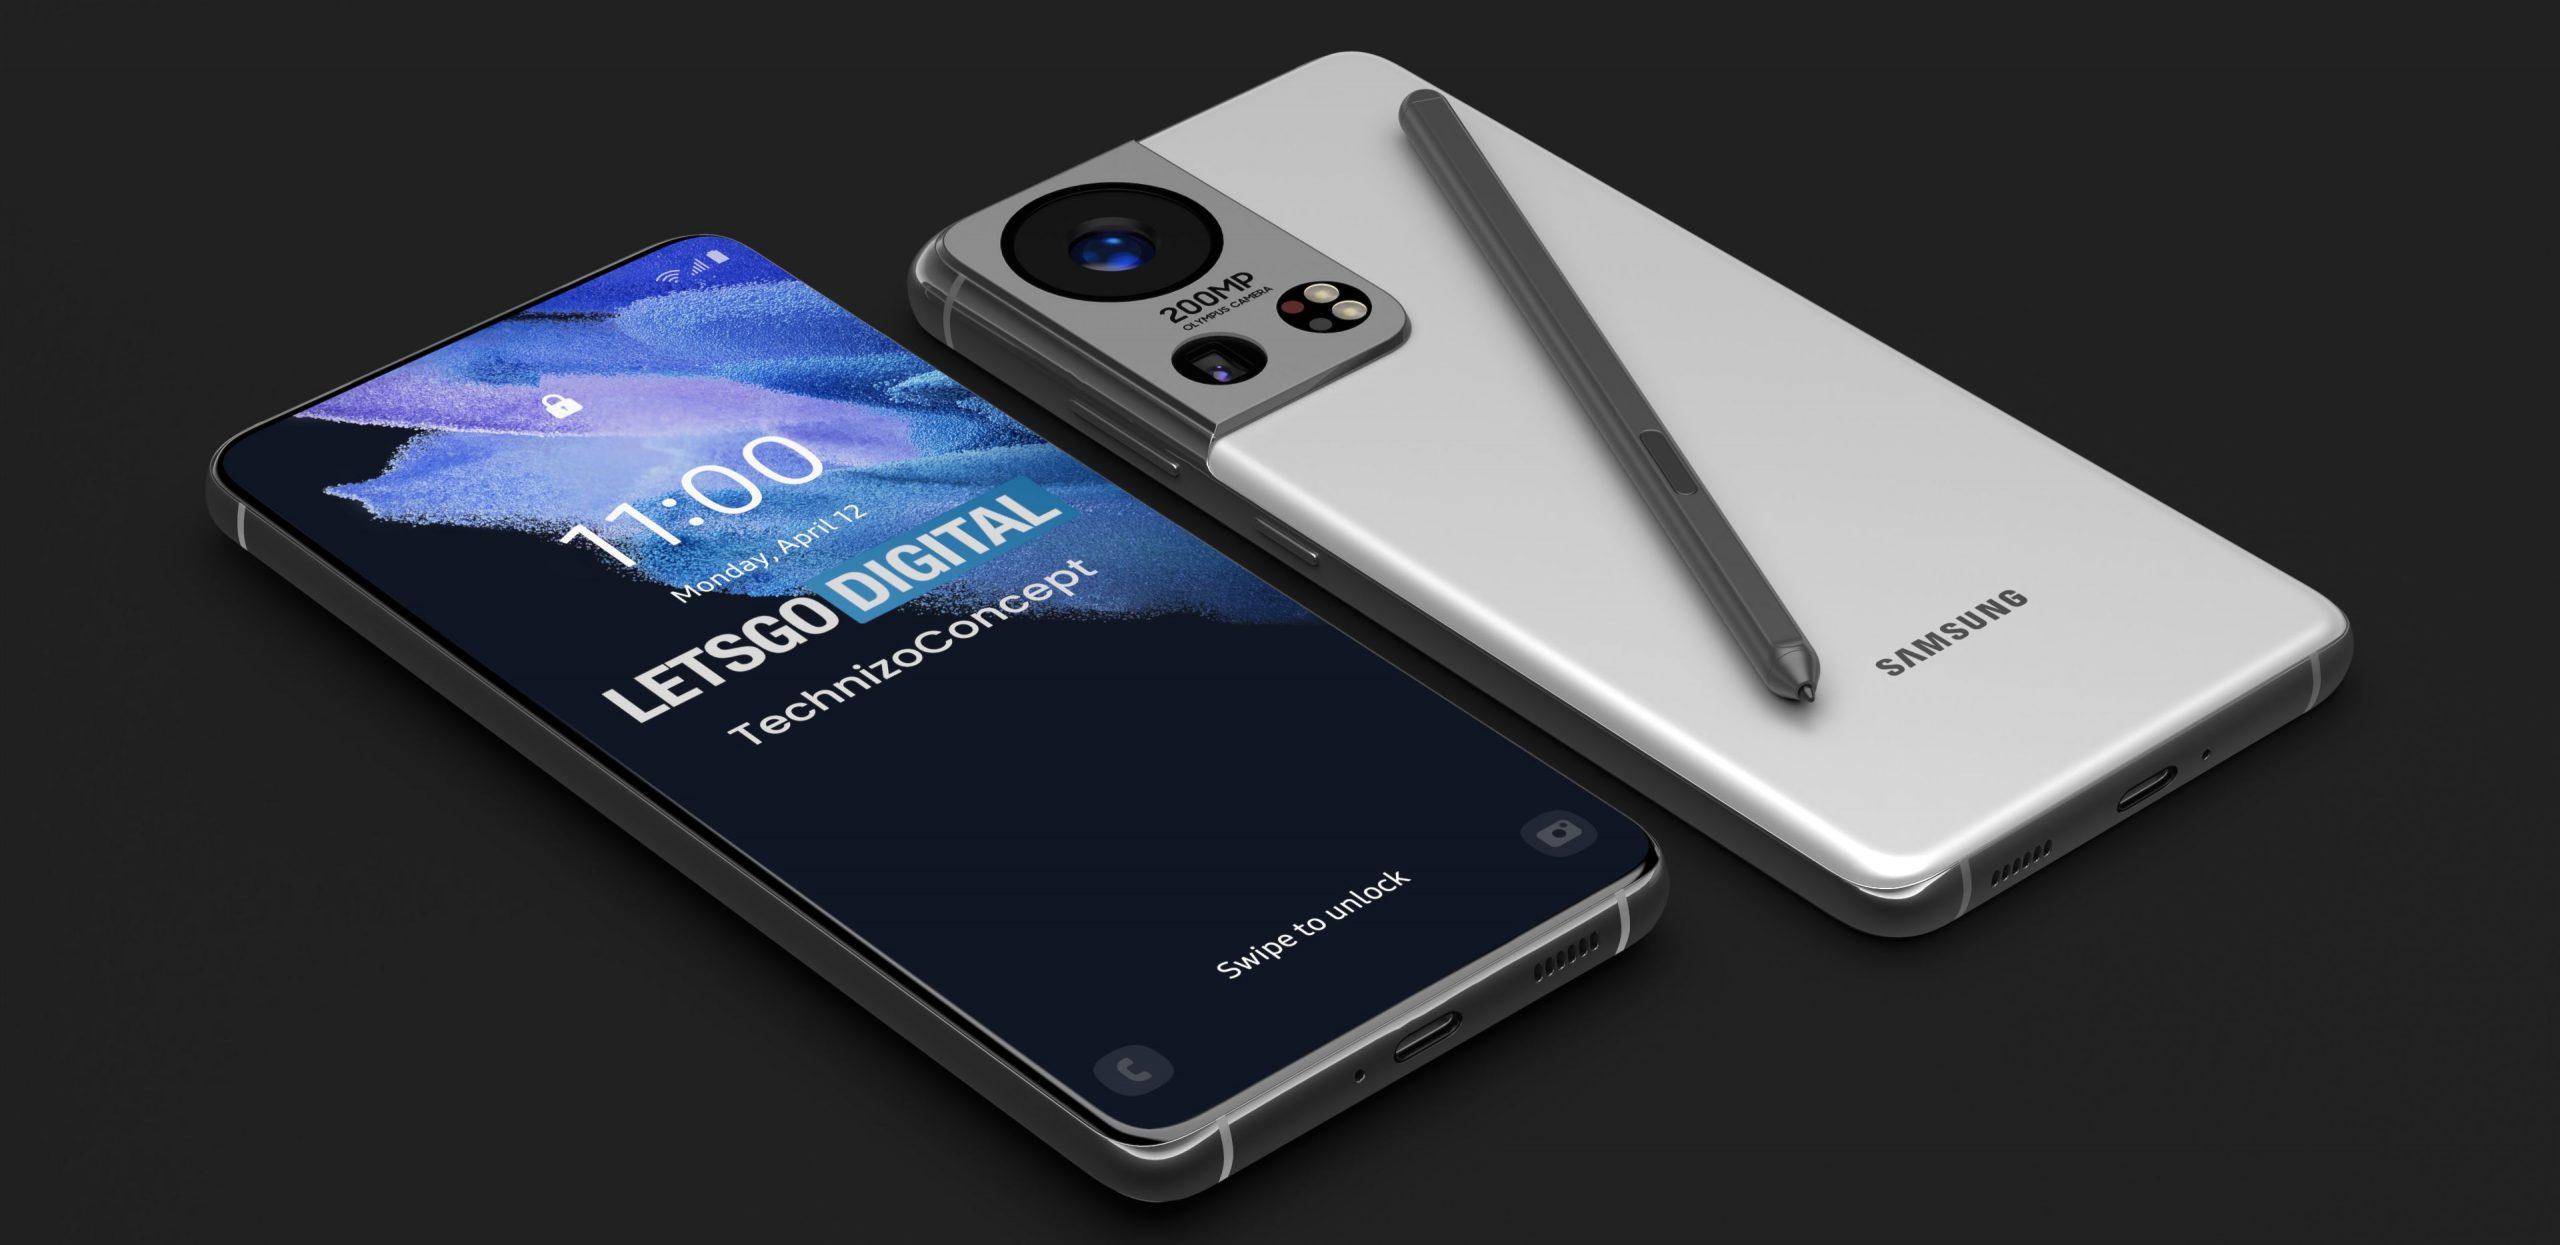 Если что - это не Samsung Galaxy Note 22, а Galaxy S22 Ultra, каким его предрекают инсайдеры и видят дизайнеры концептов.